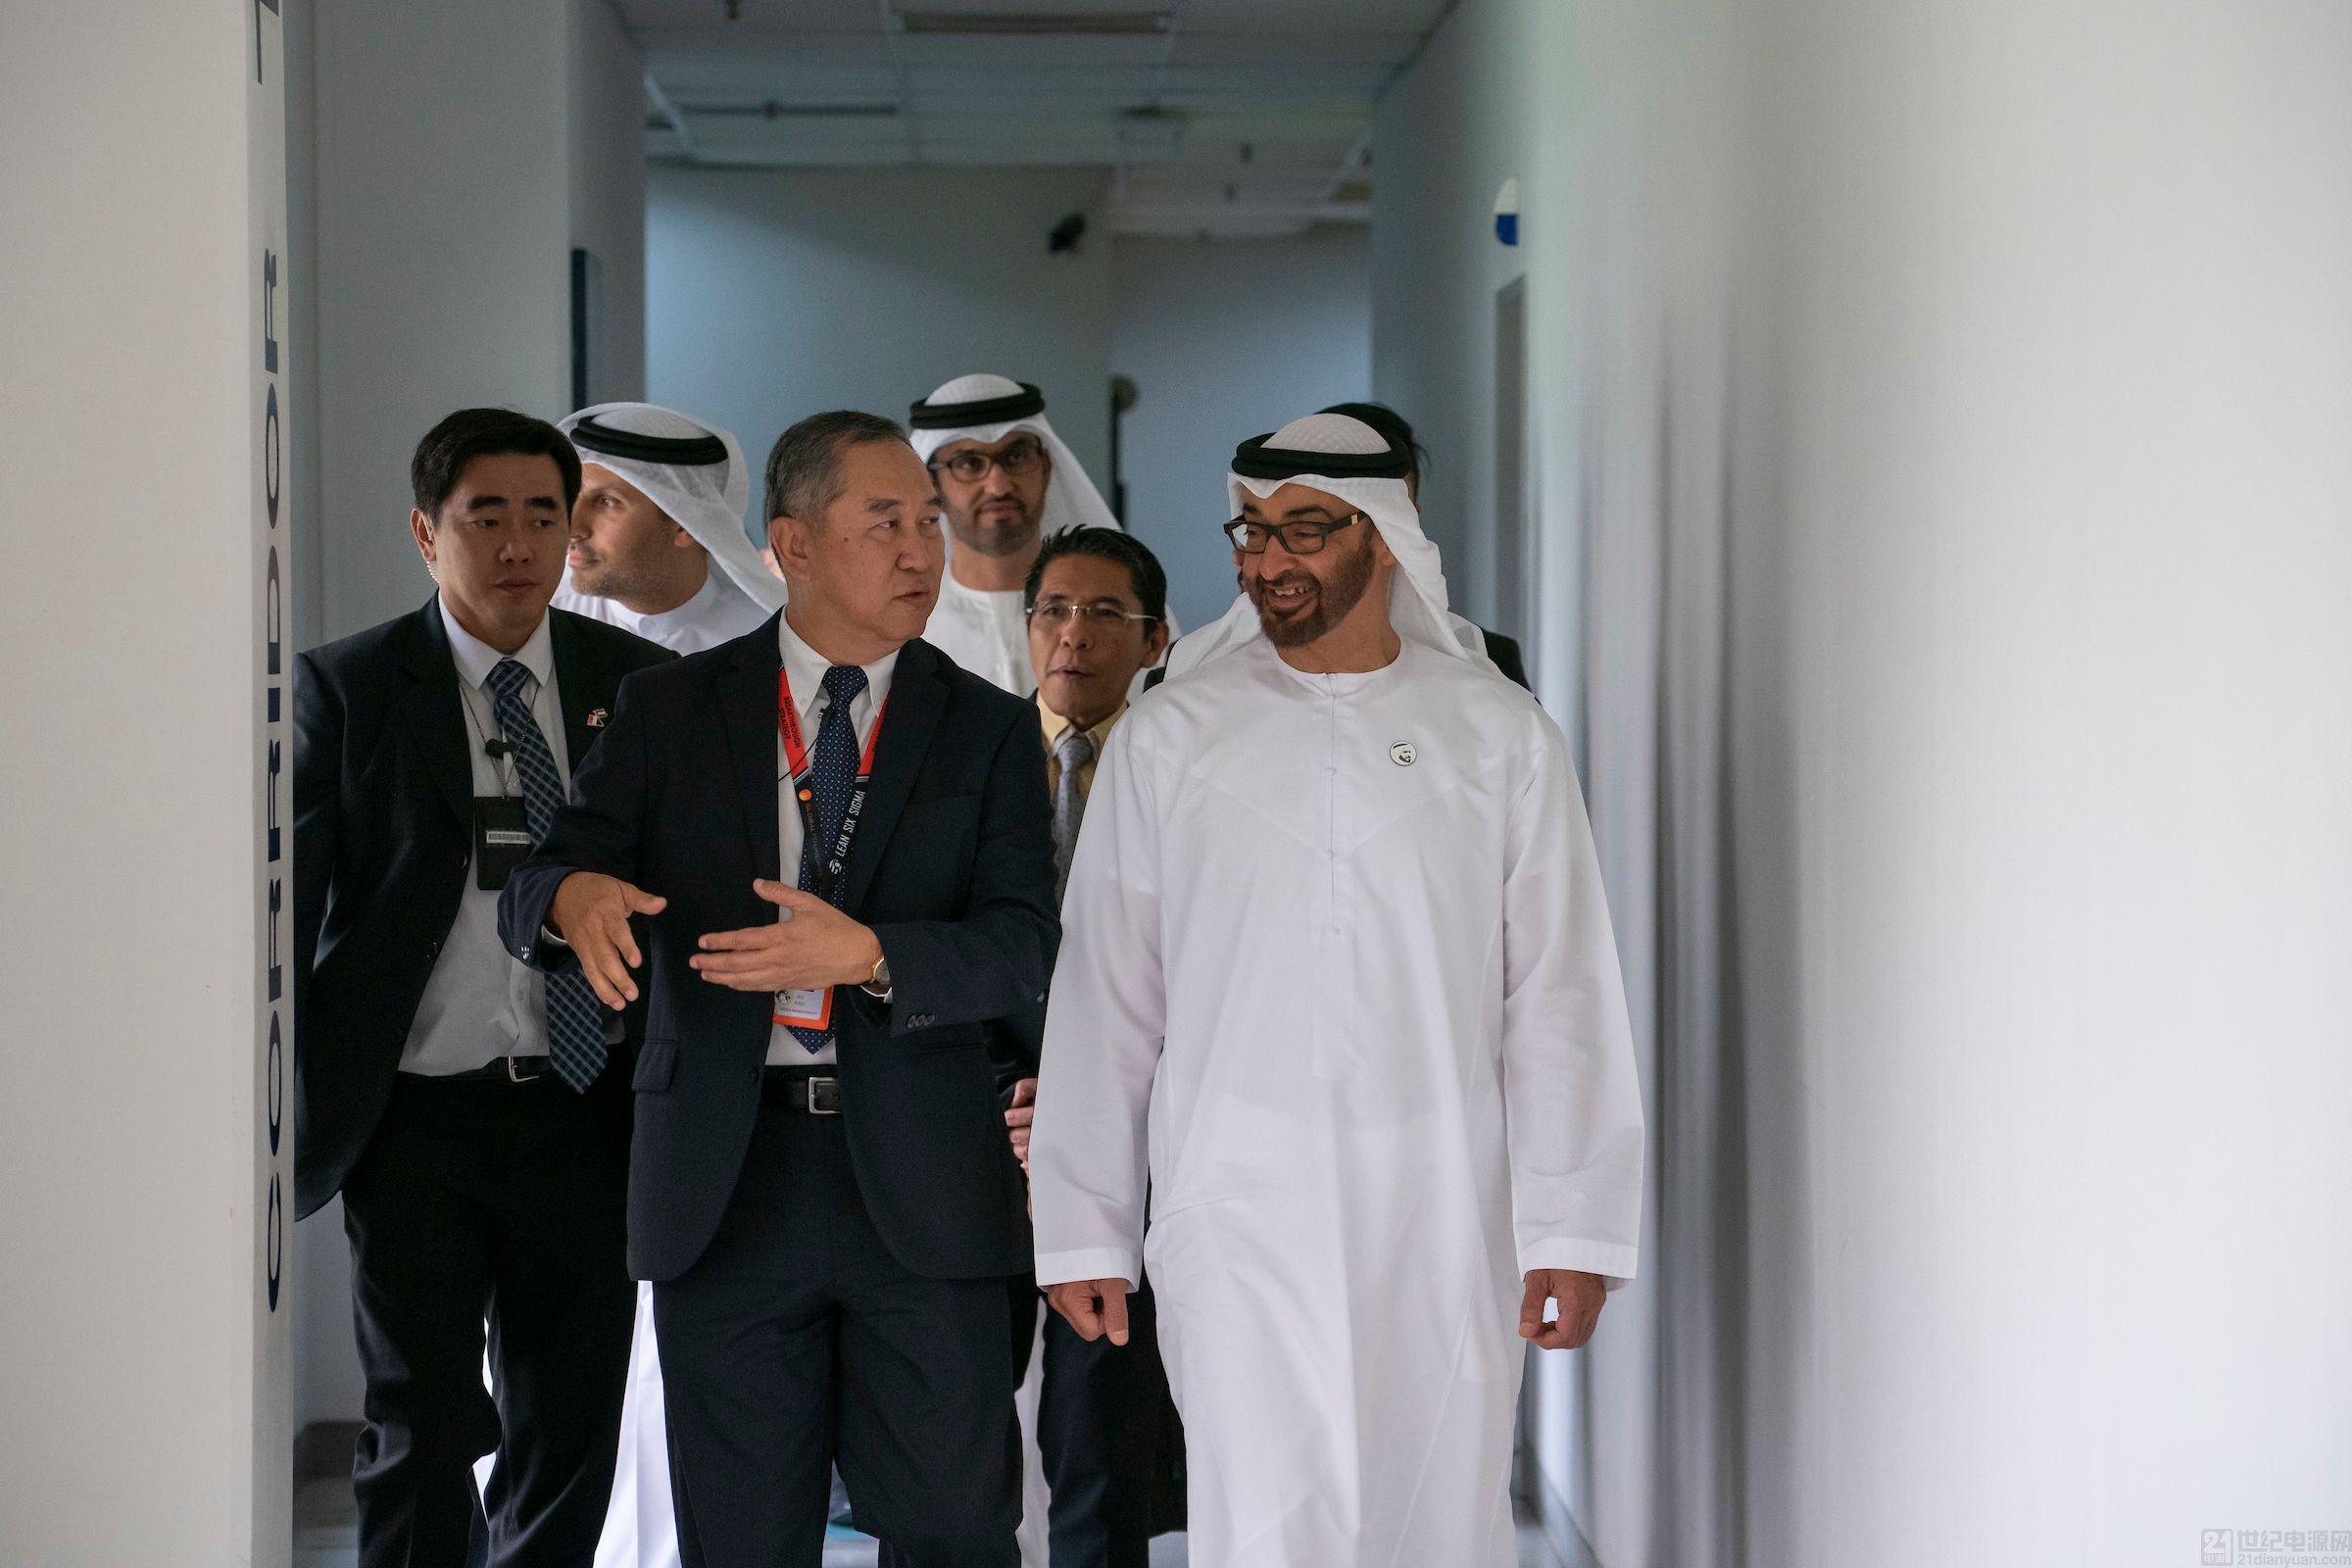 阿布扎比王储穆罕默德访问格芯新加坡厂